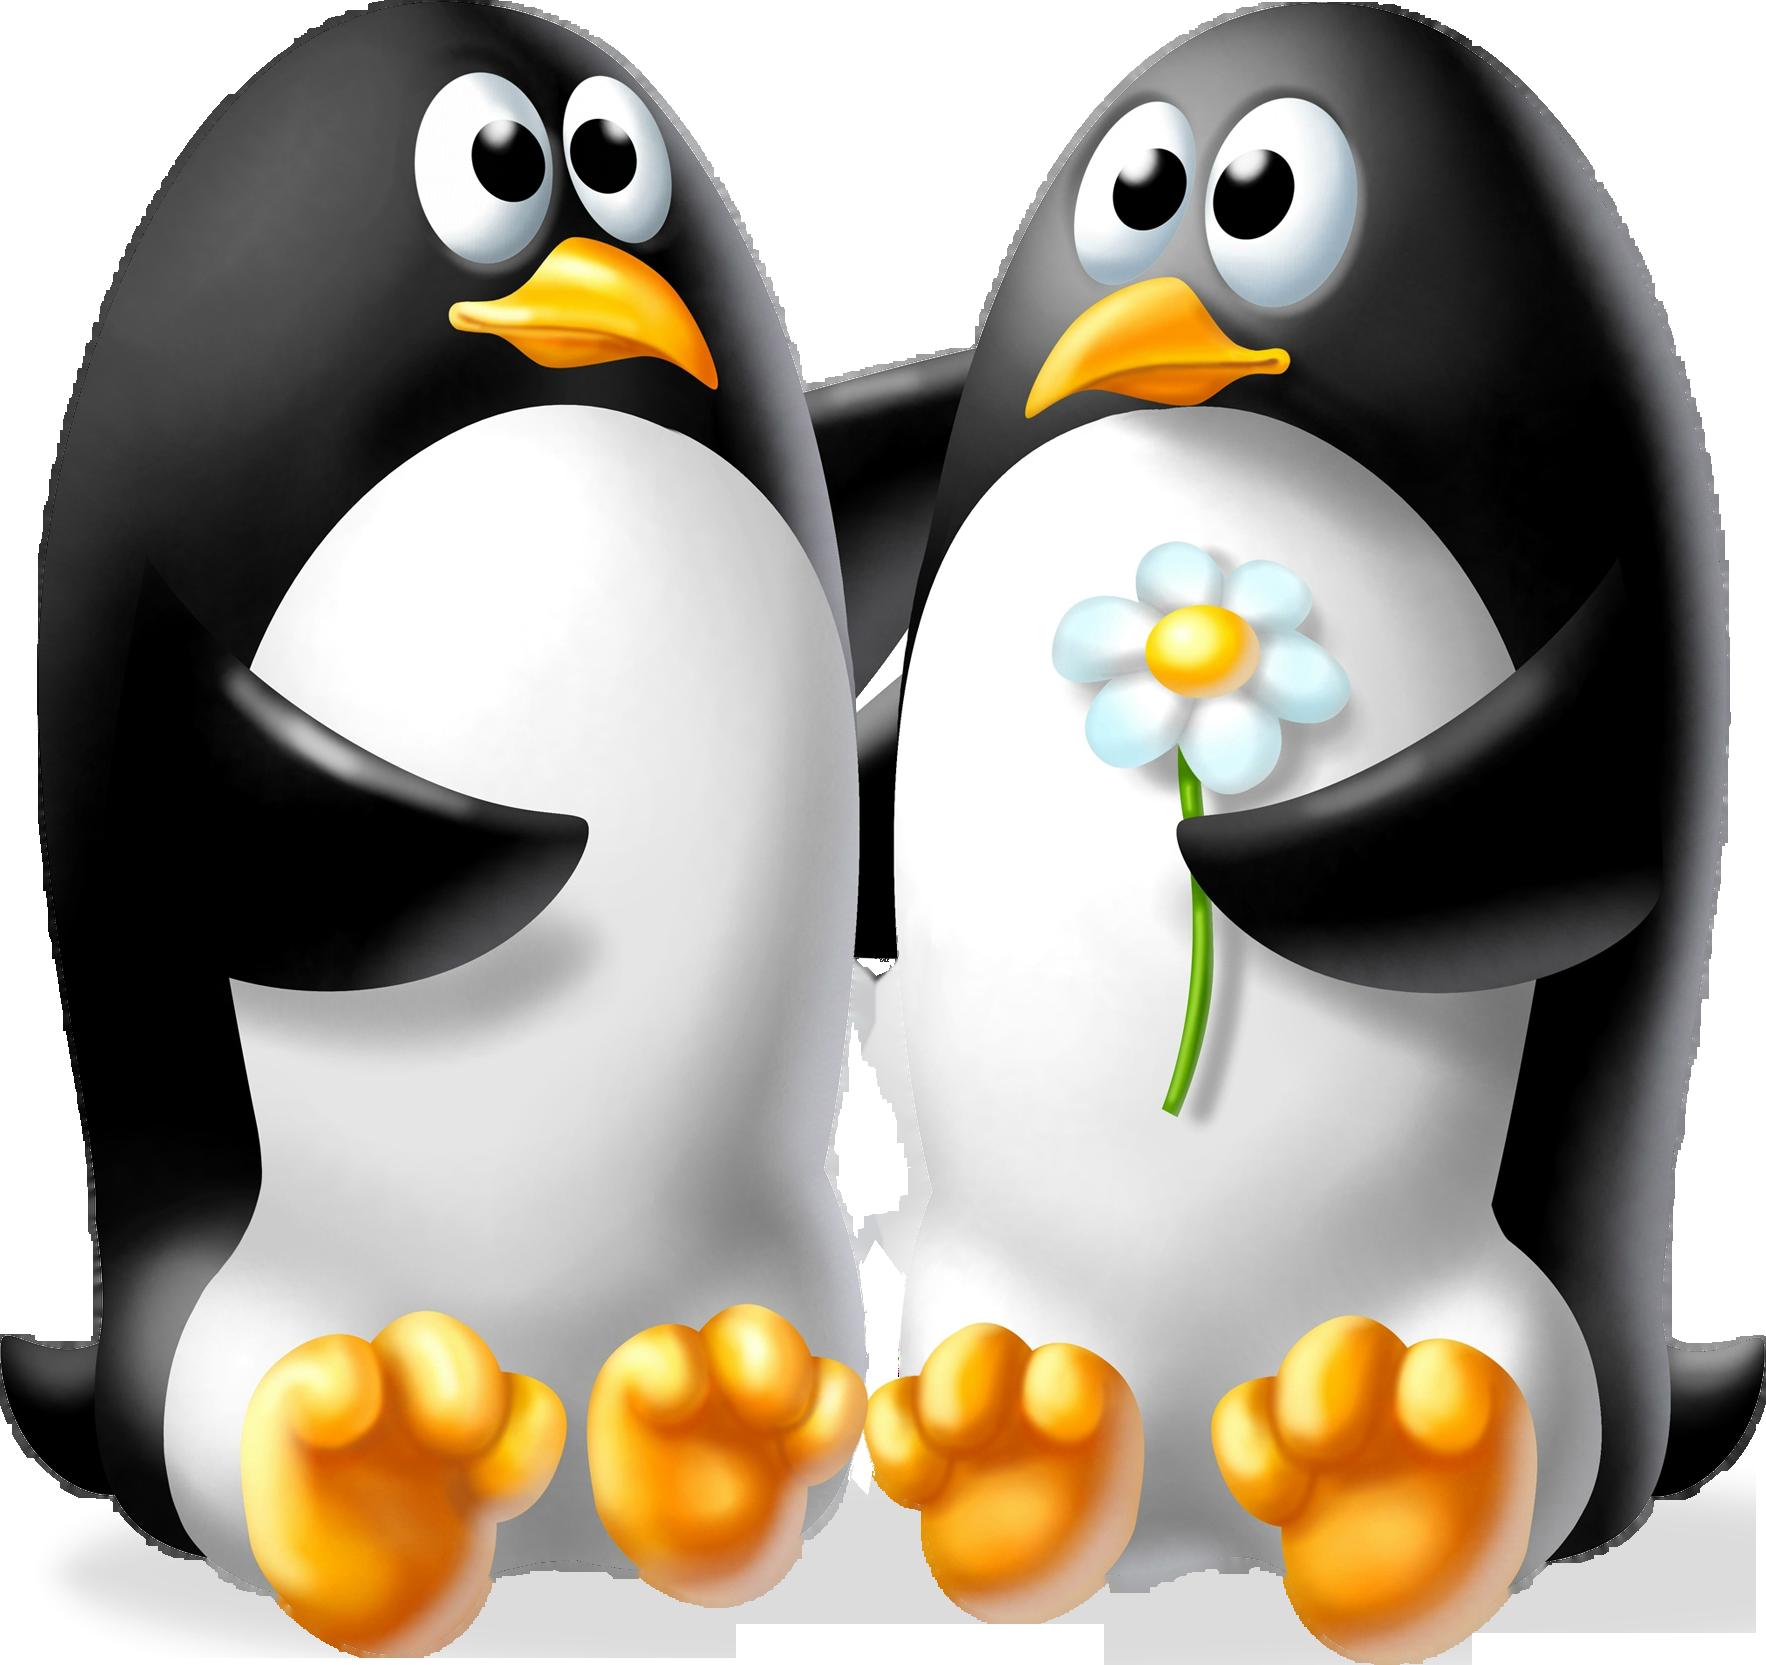 много смешные картинки пингвина рисунок выбрал